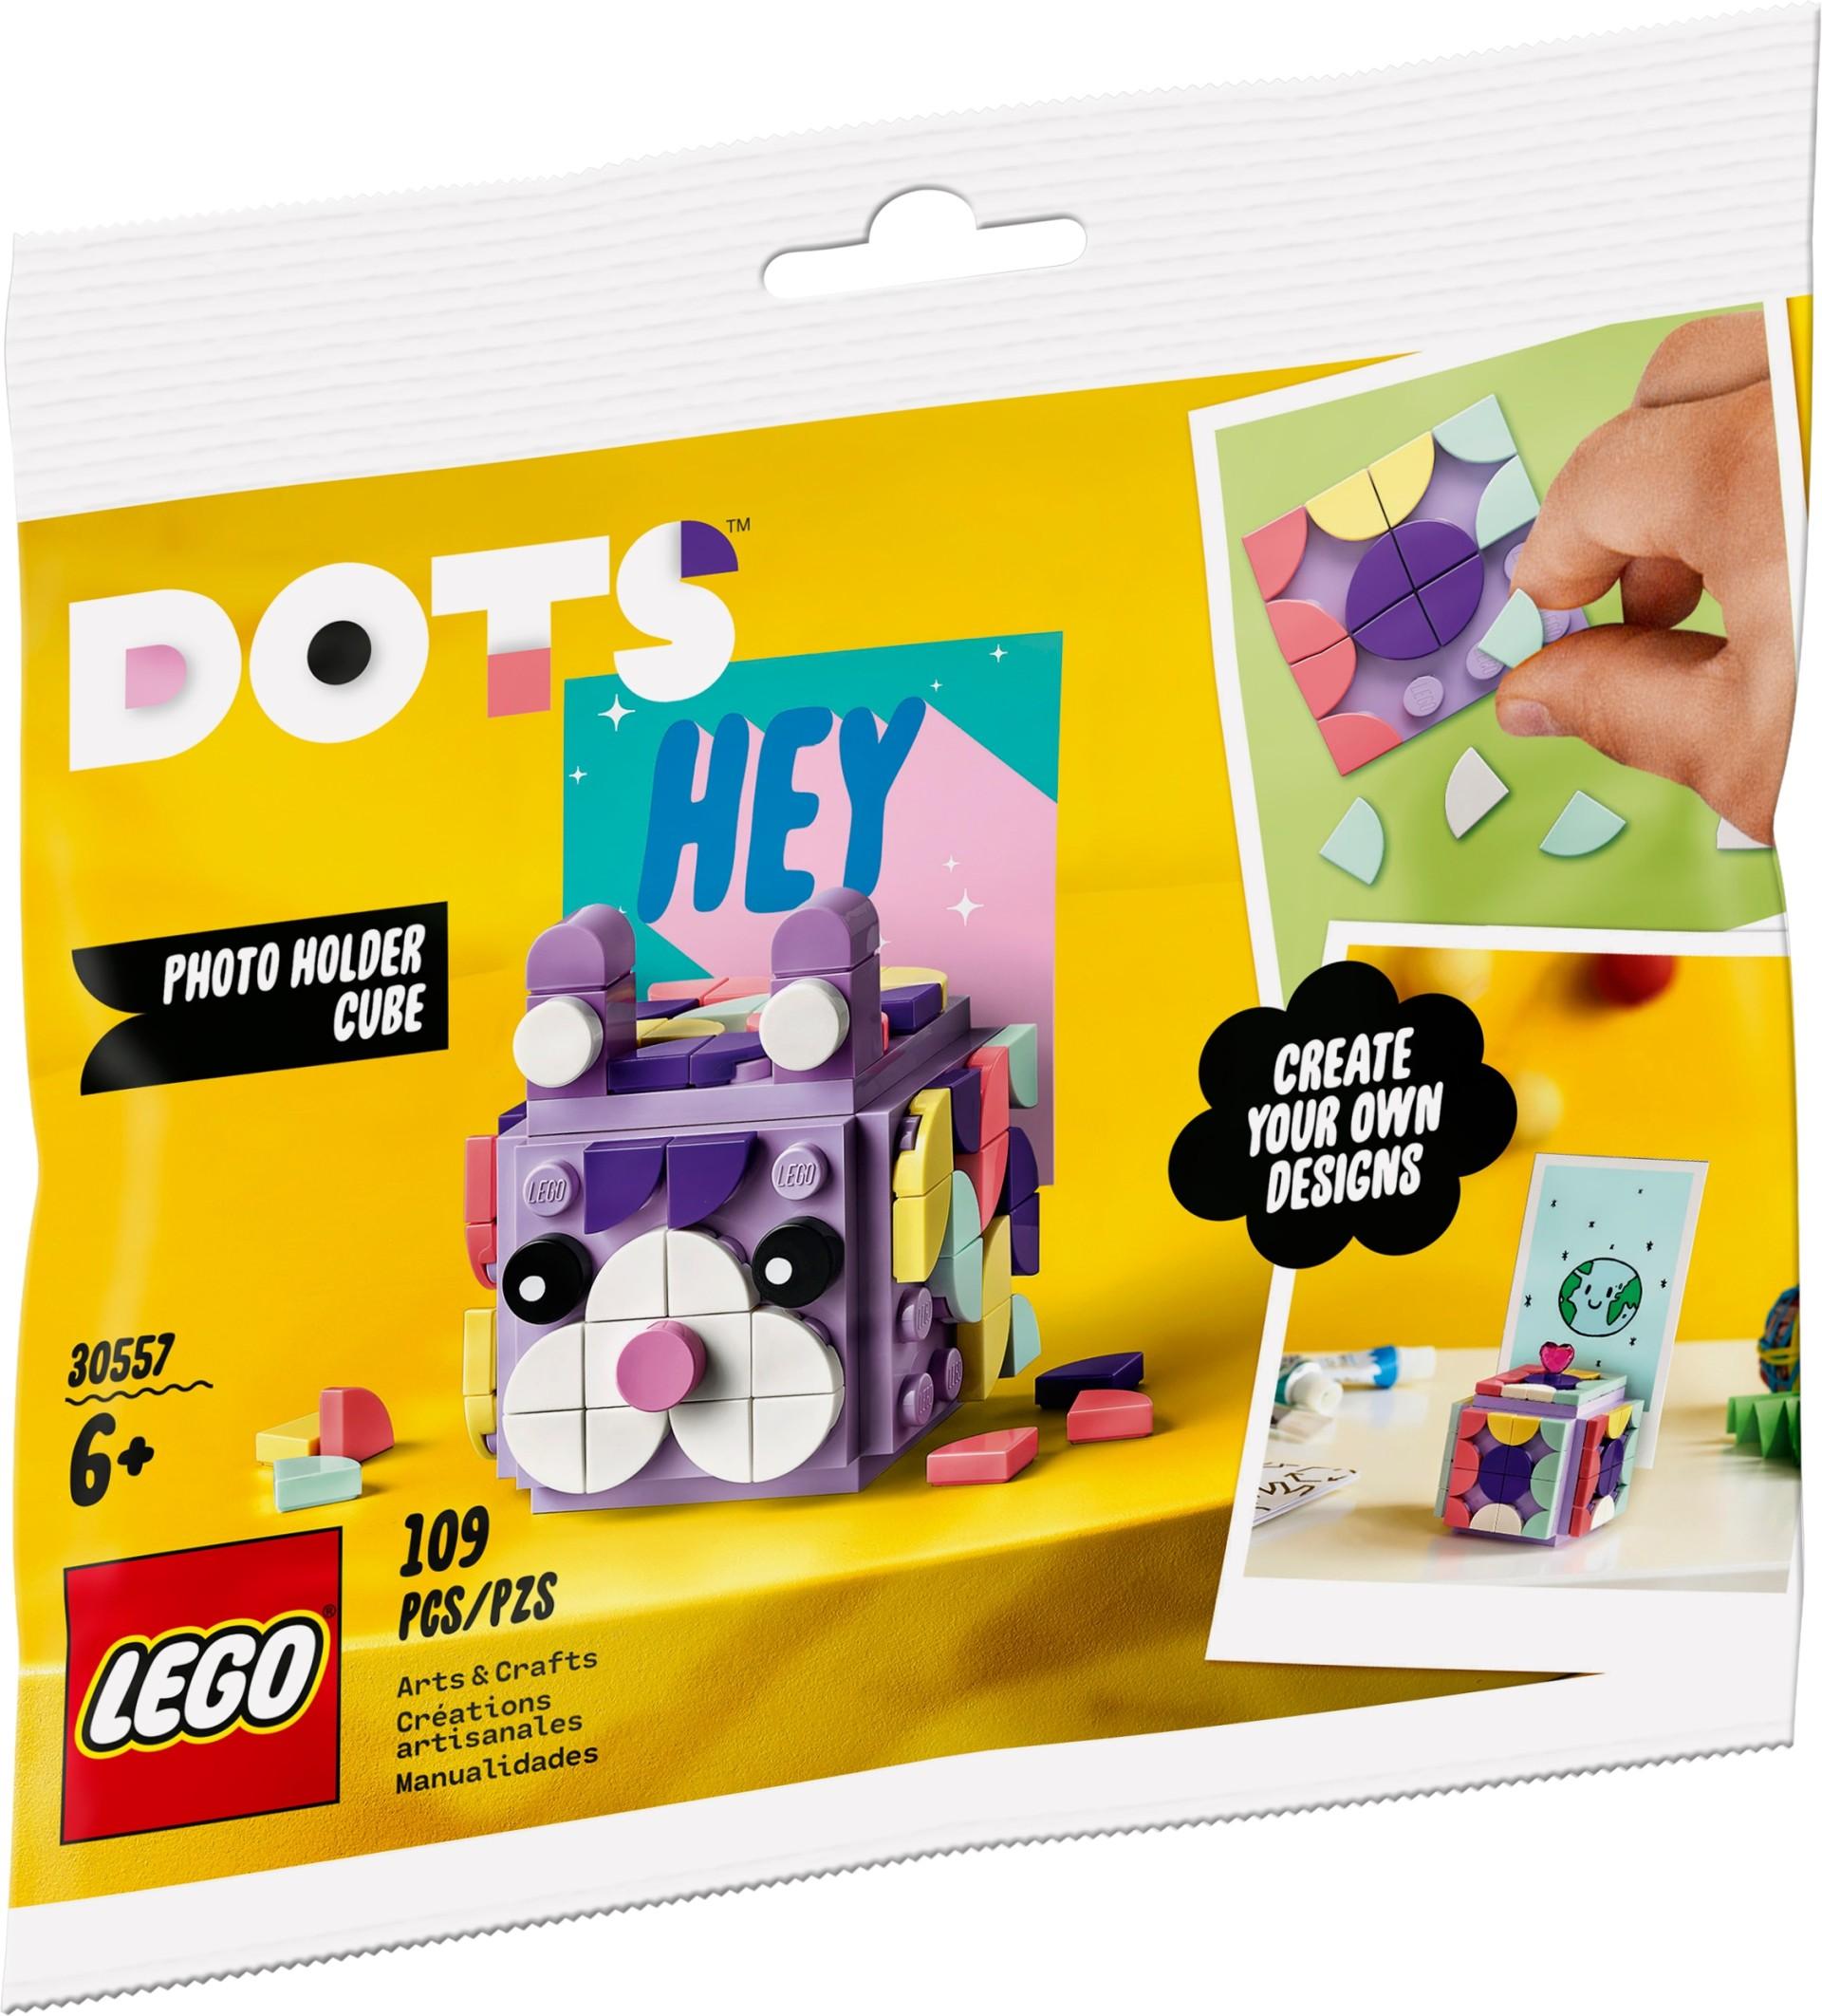 LEGO DOTS Neuheiten Juni 20   Brickzeit